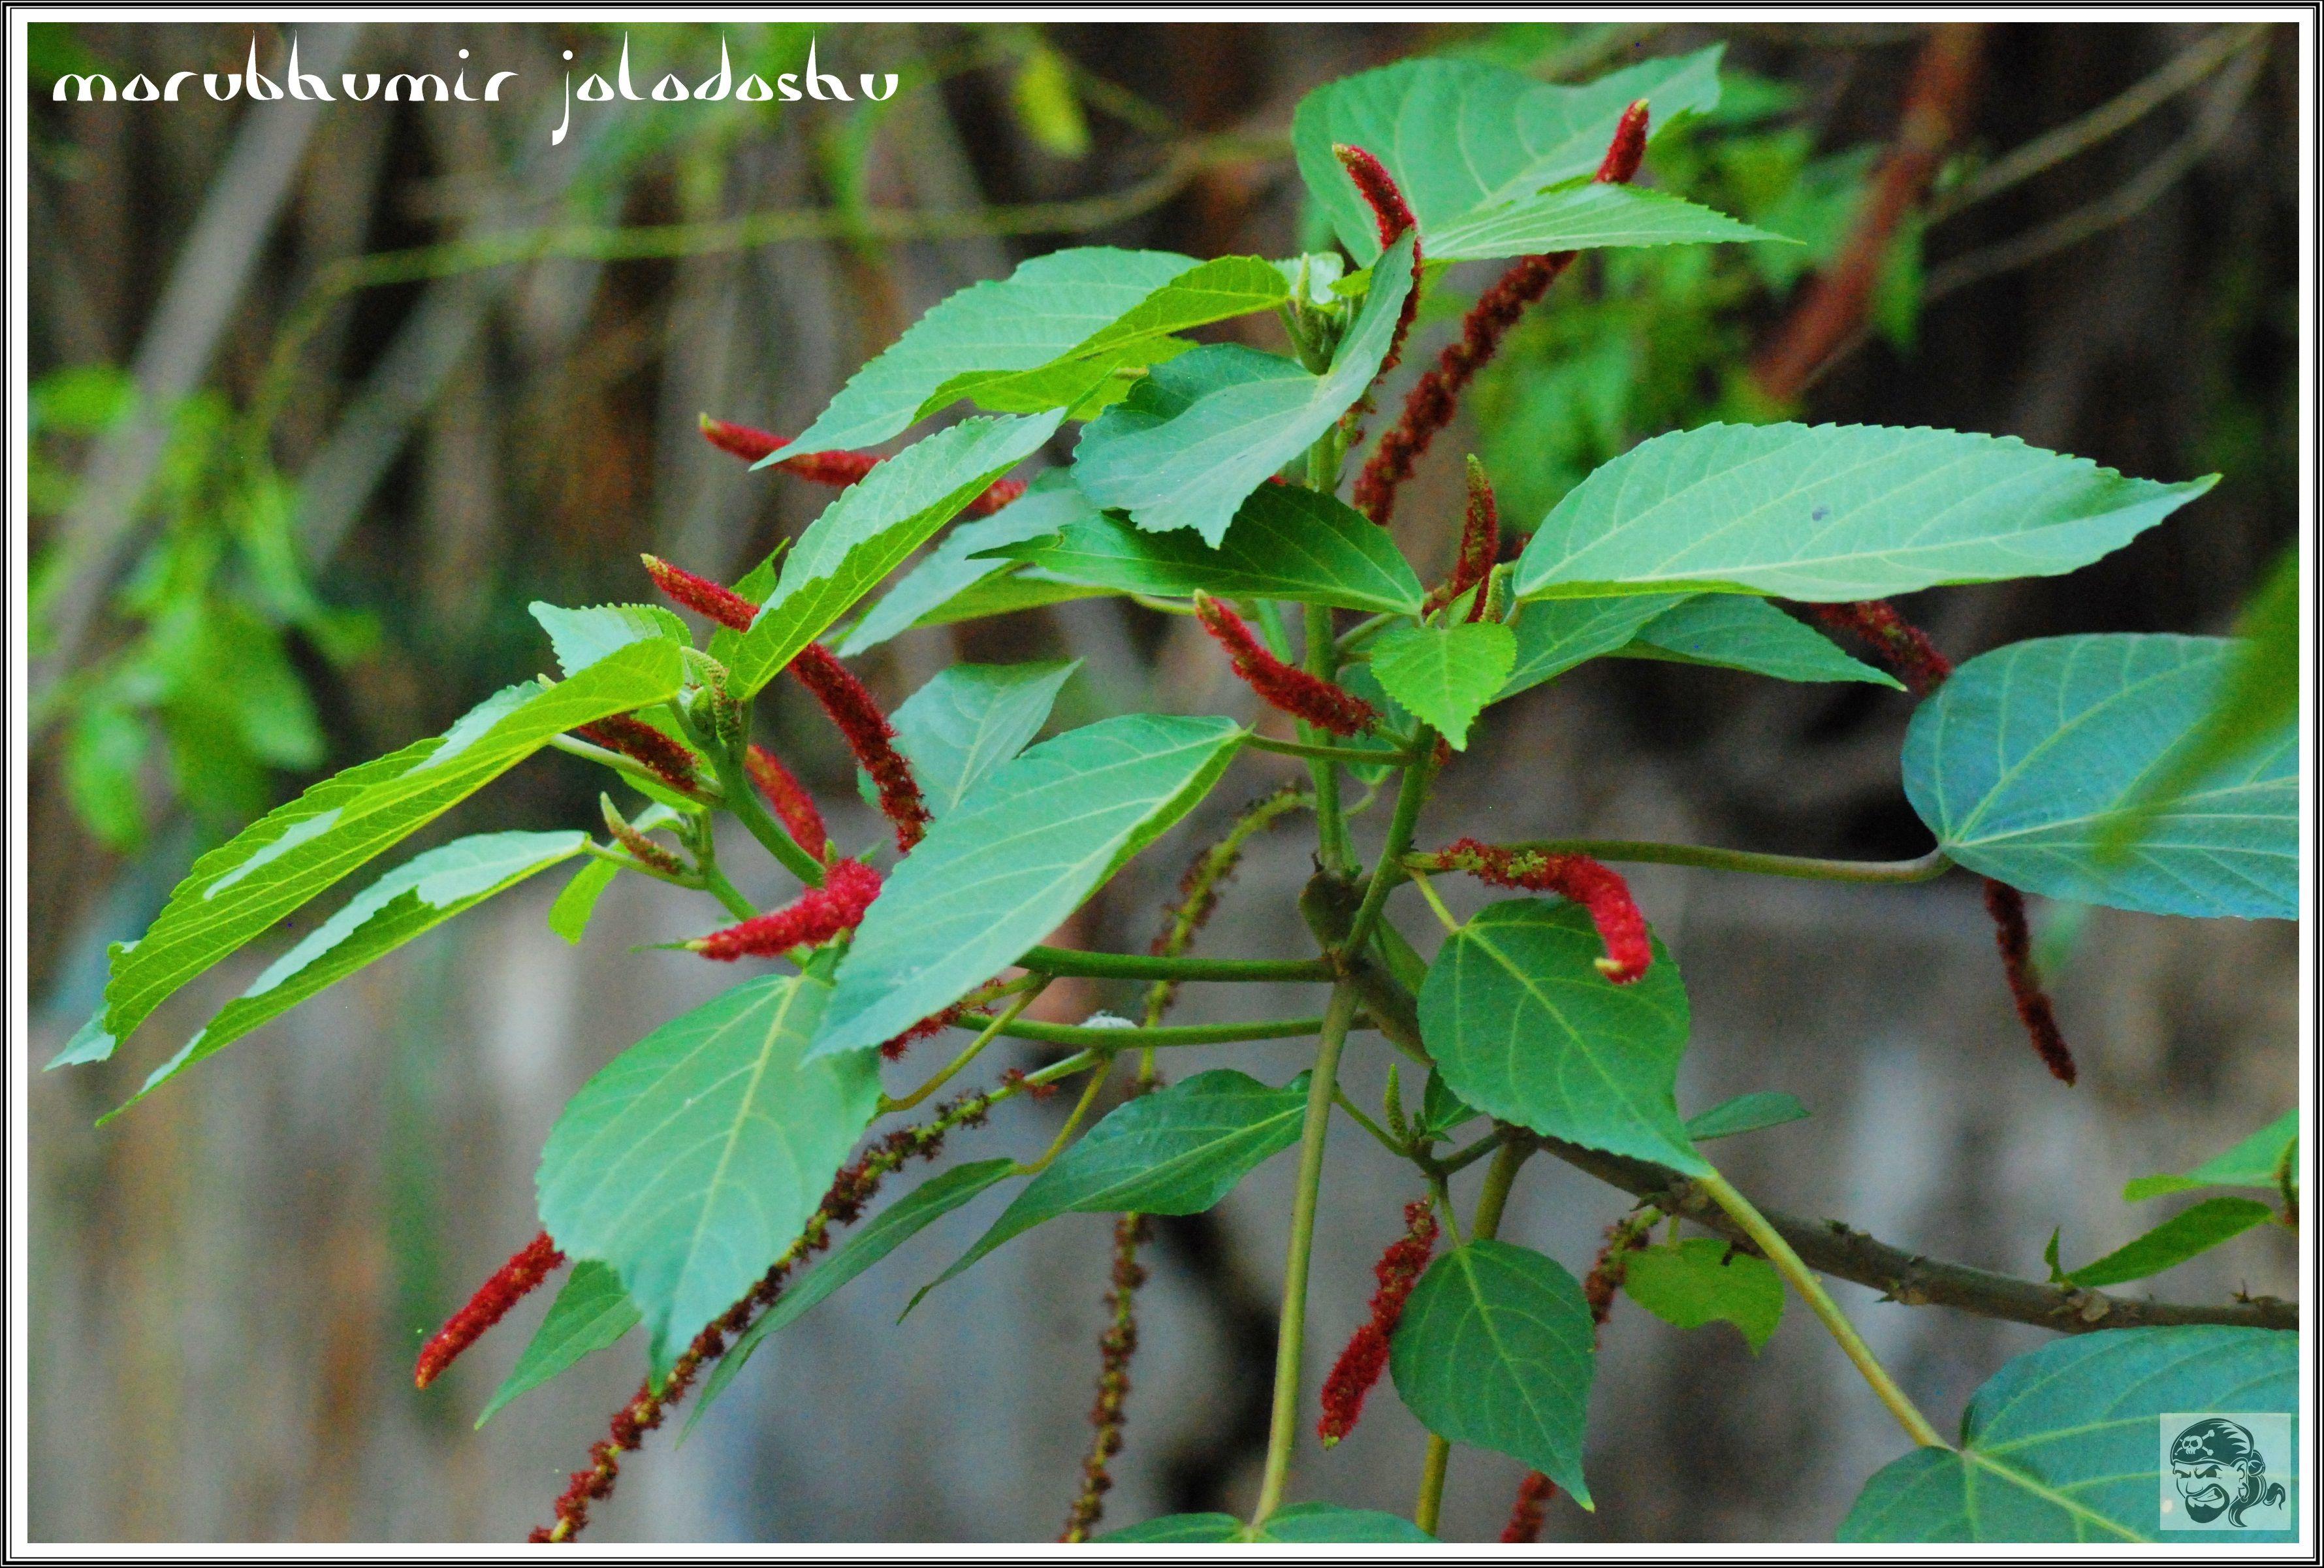 ফুলের নাম শিবজটা / অন্যান্য নাম শিবঝুল, ব্রহ্মজটা